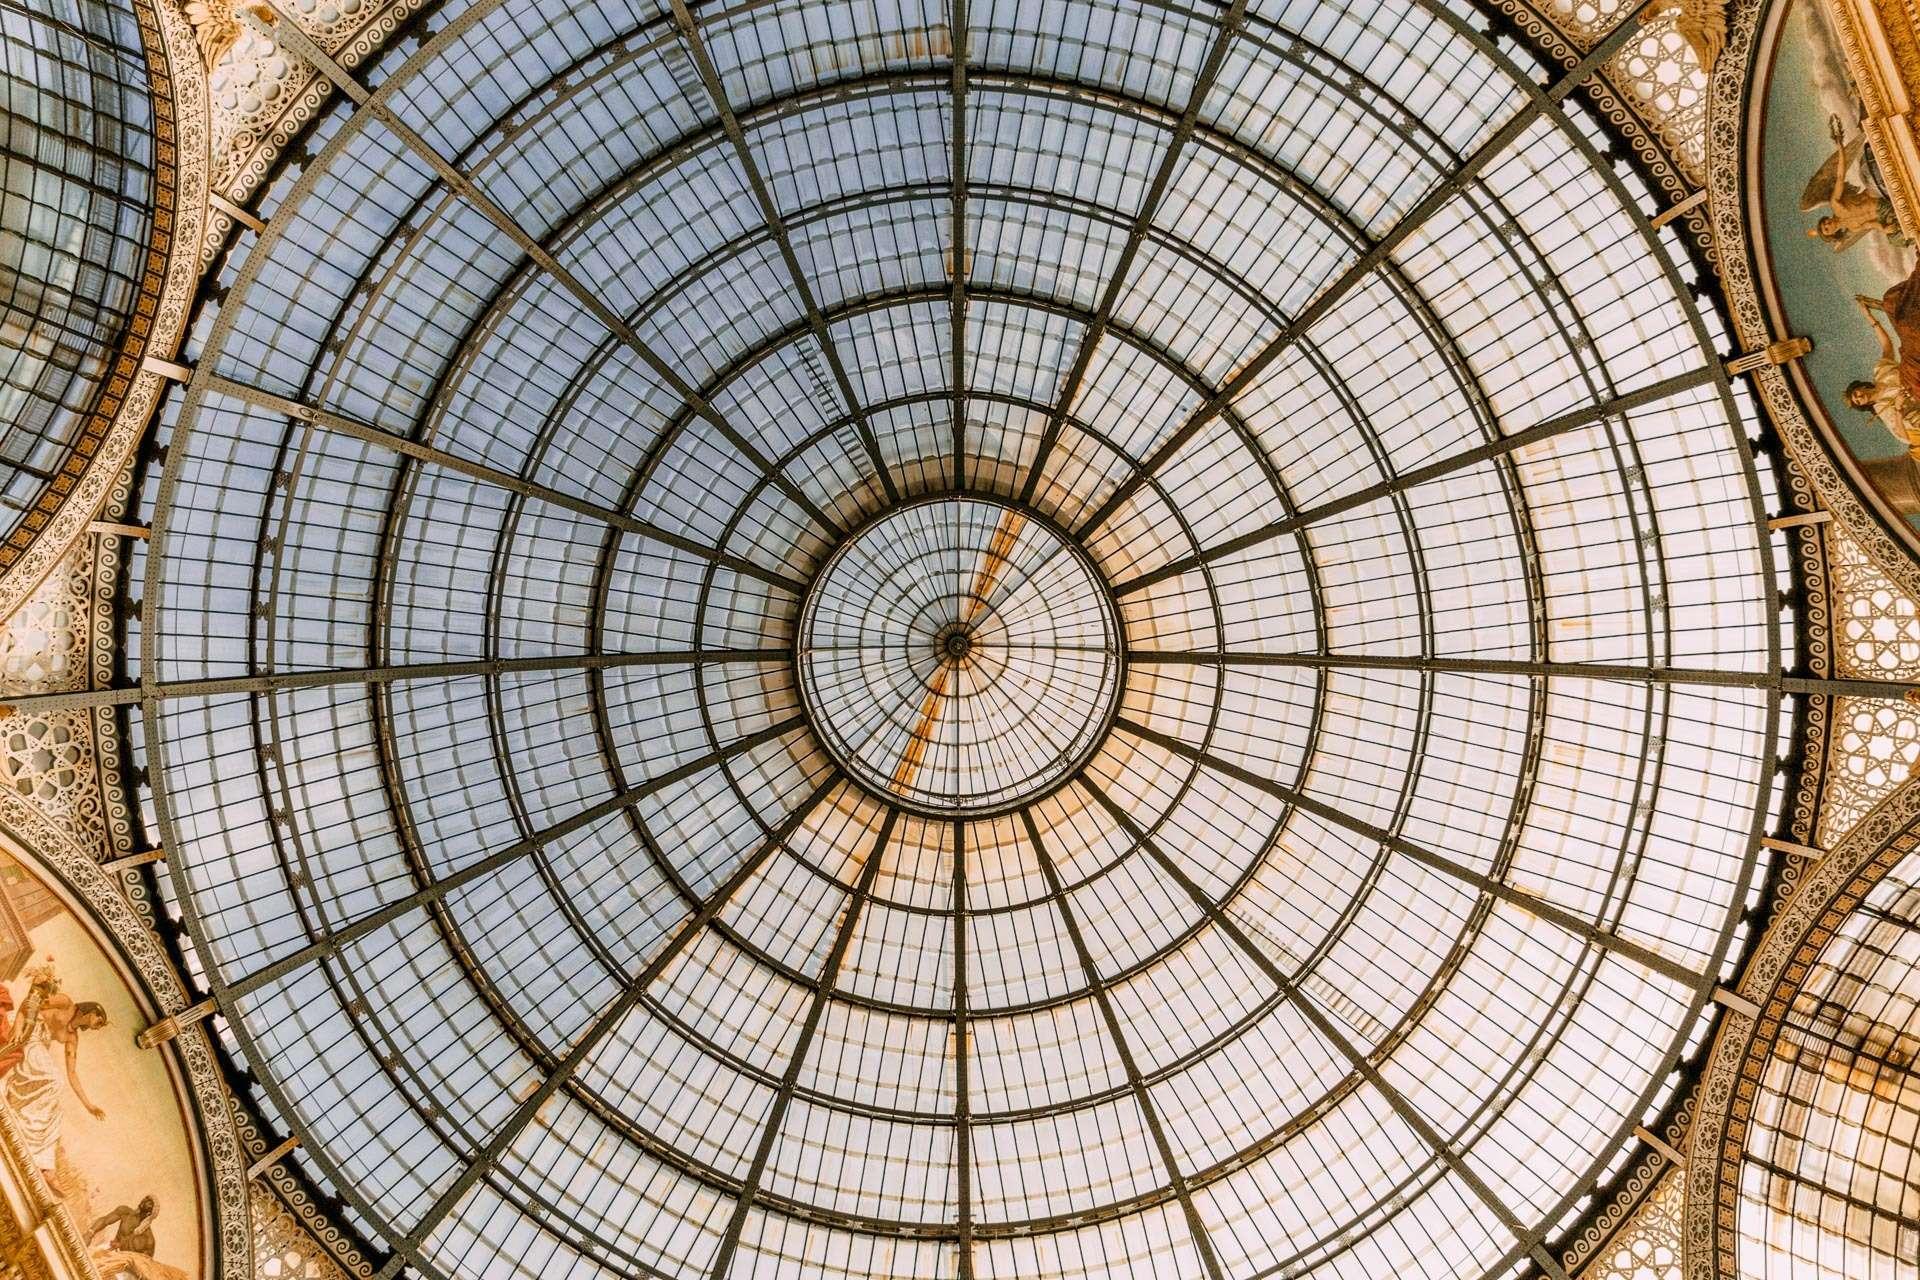 Glaskuplen i Galleria Vittorio Emanuele II, opkaldt efter den første konge i Italien.